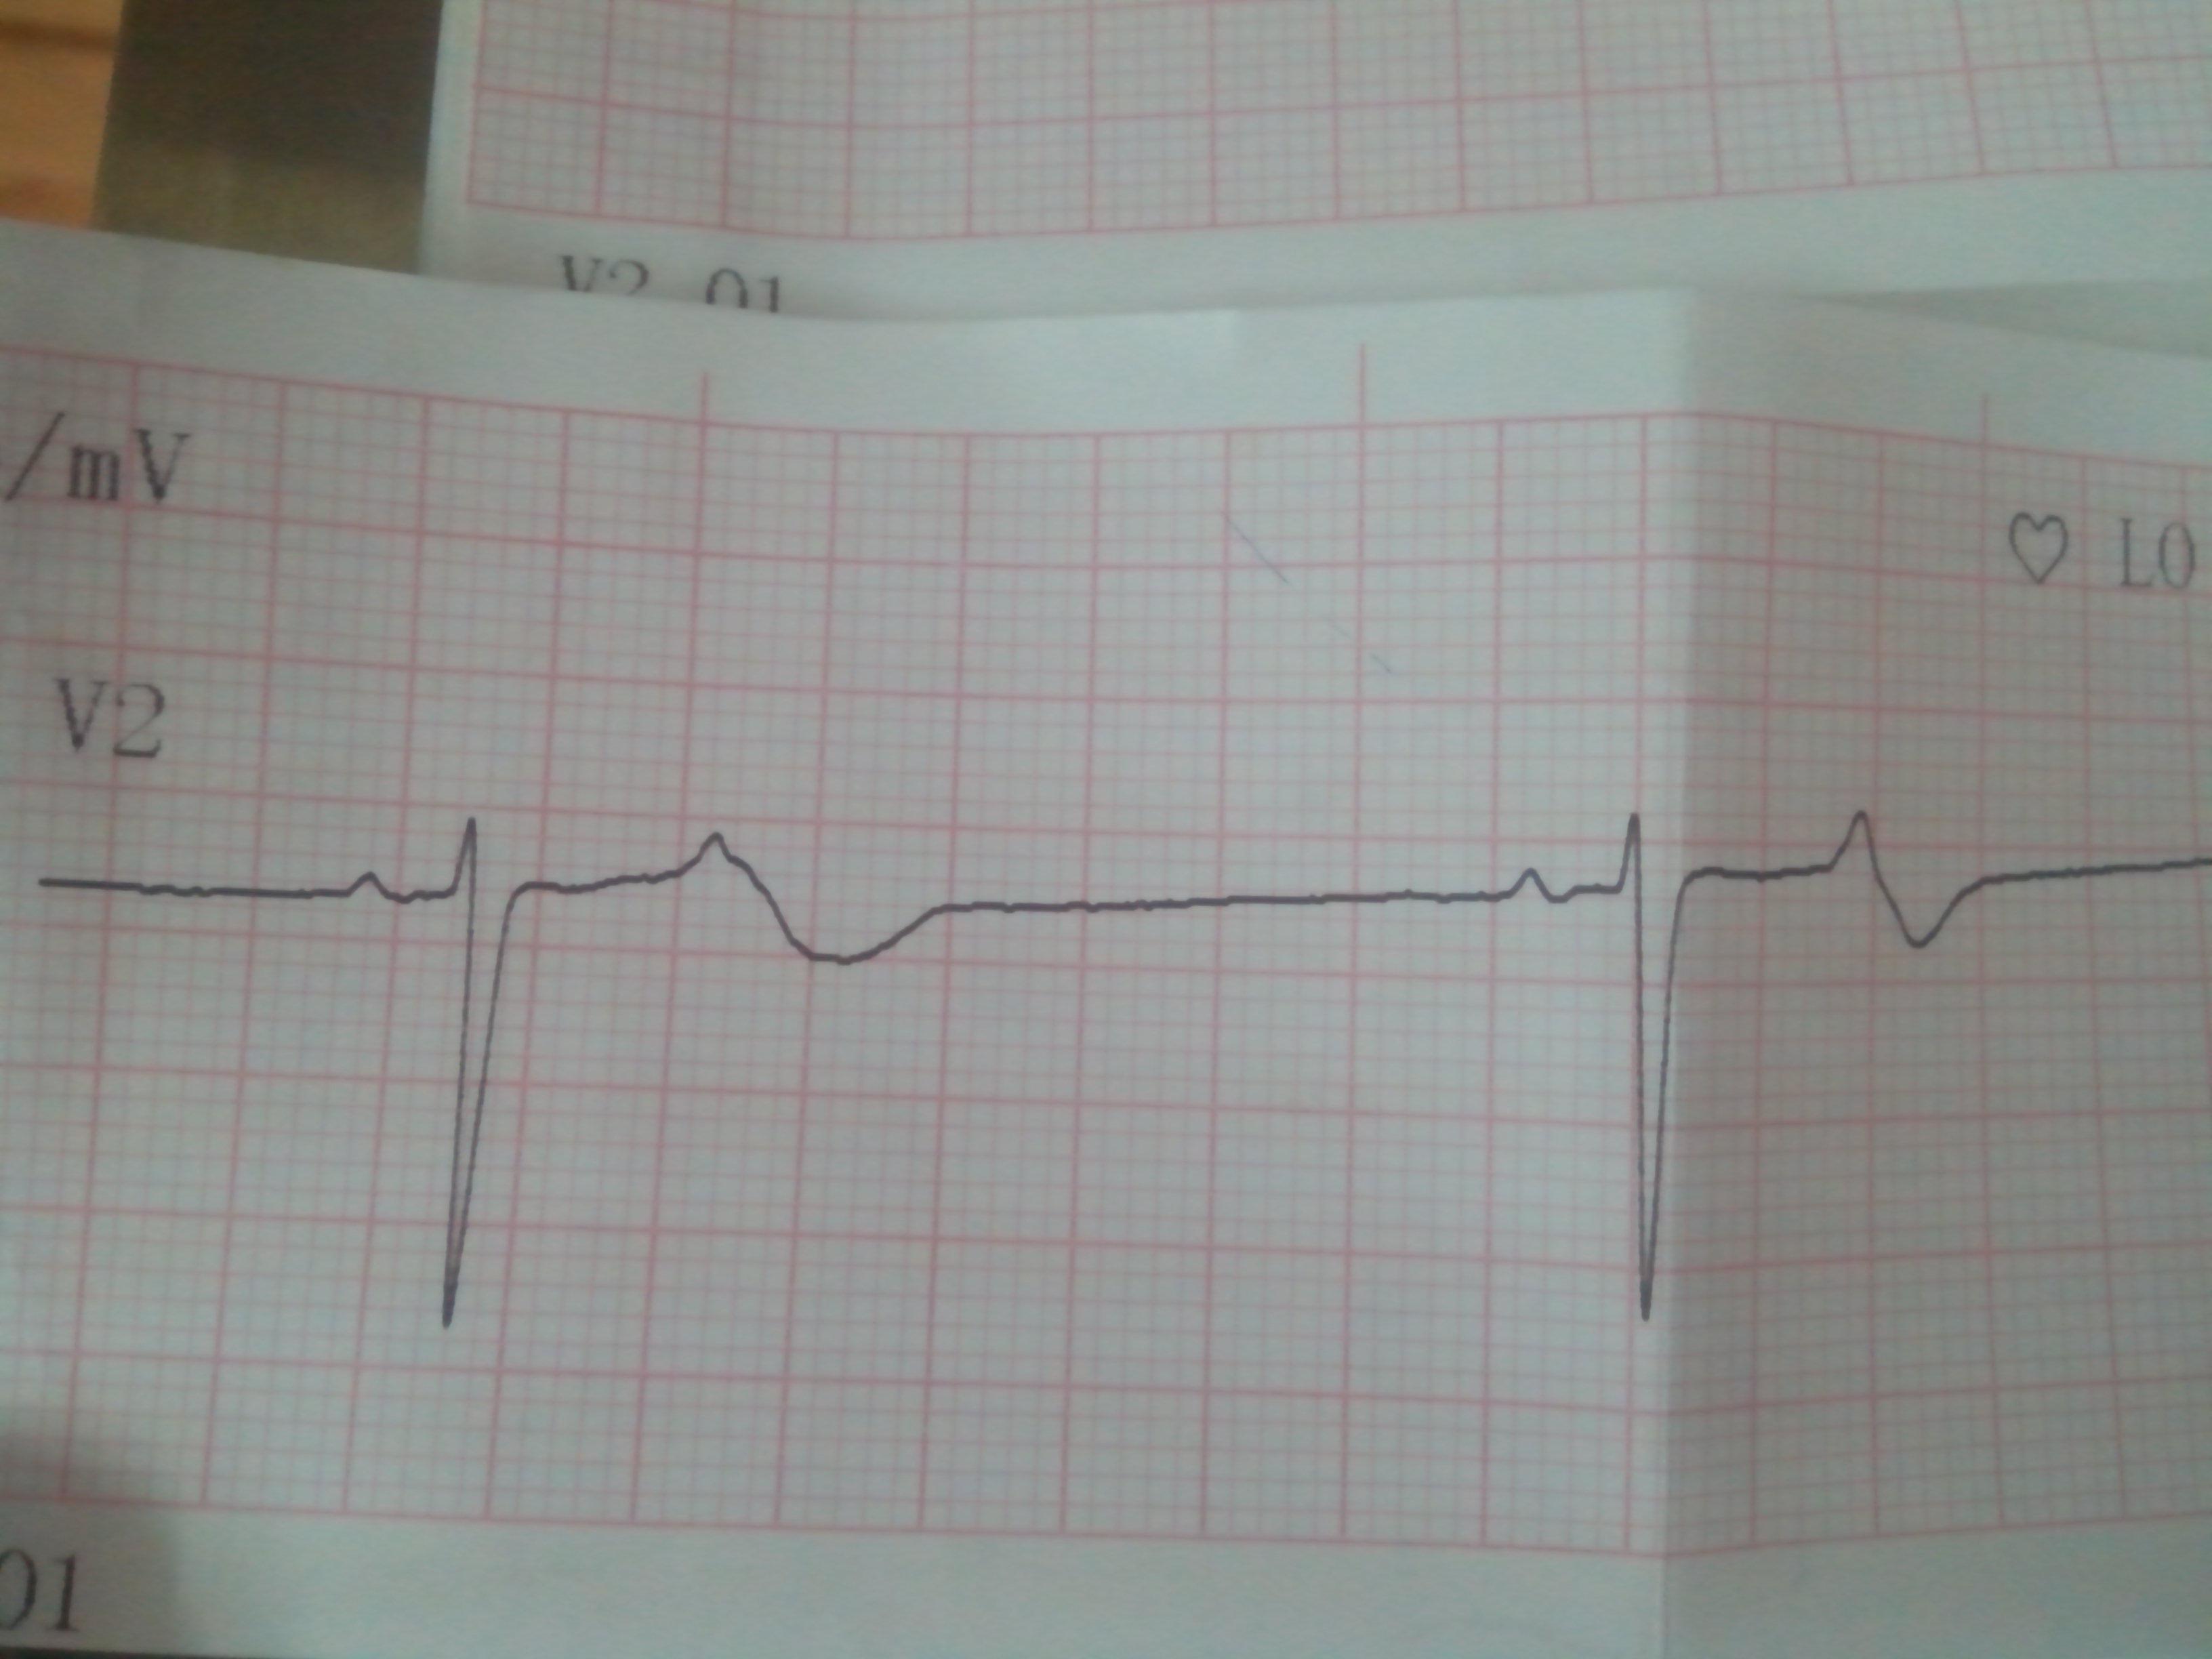 严重心动过速心电图